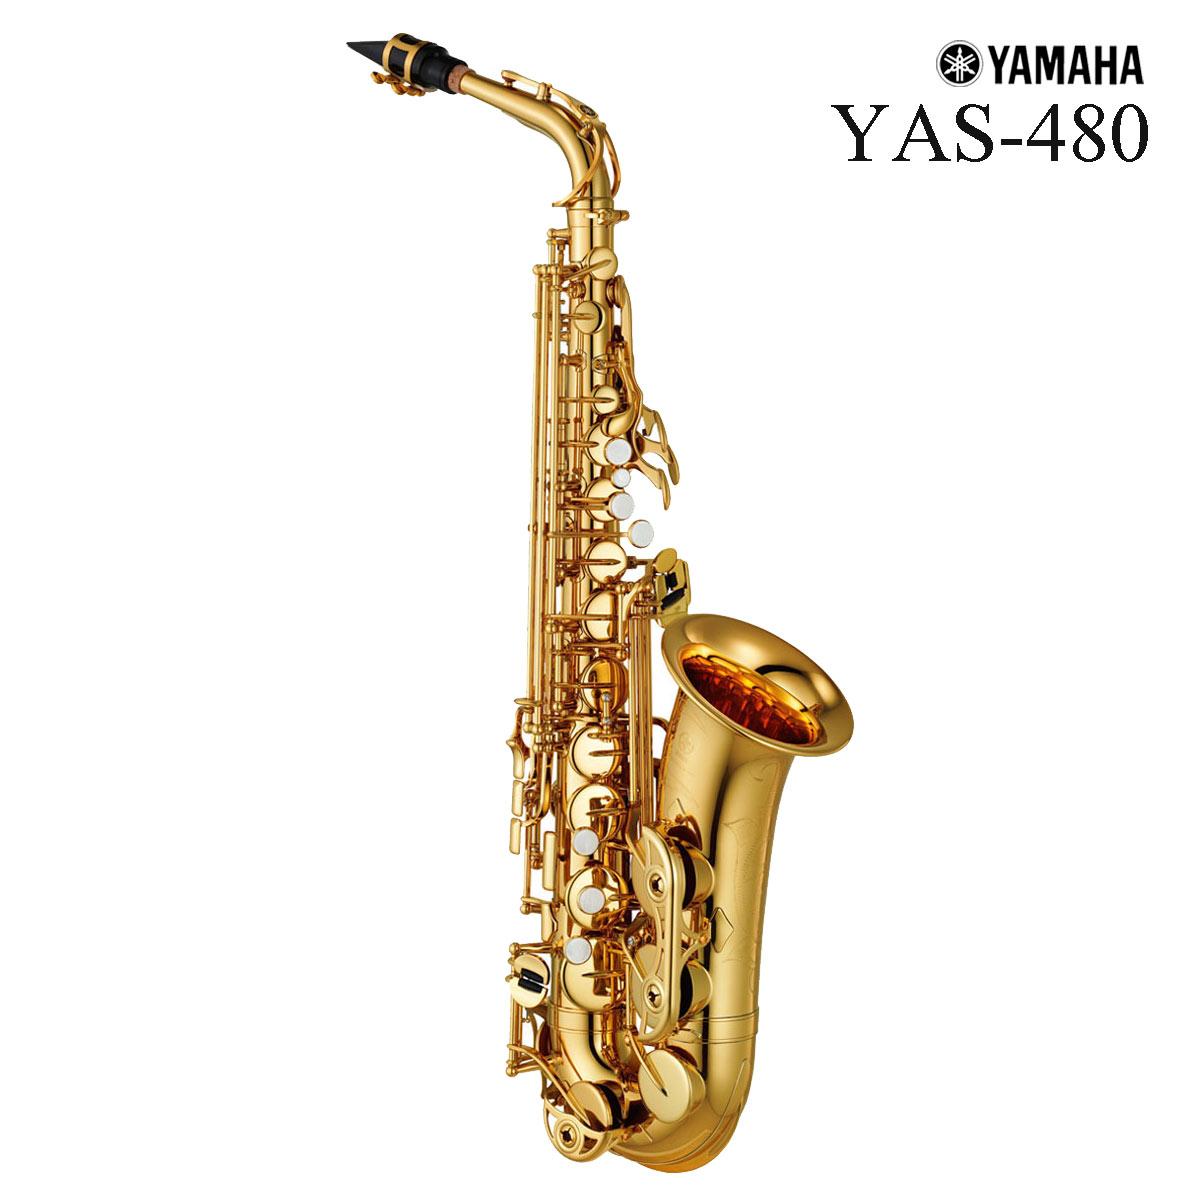 【在庫あり】YAMAHA / YAS-480 アルトサックス《倉庫保管新品をお届け※もちろん出荷前調整》《SET:79458》【5年保証】